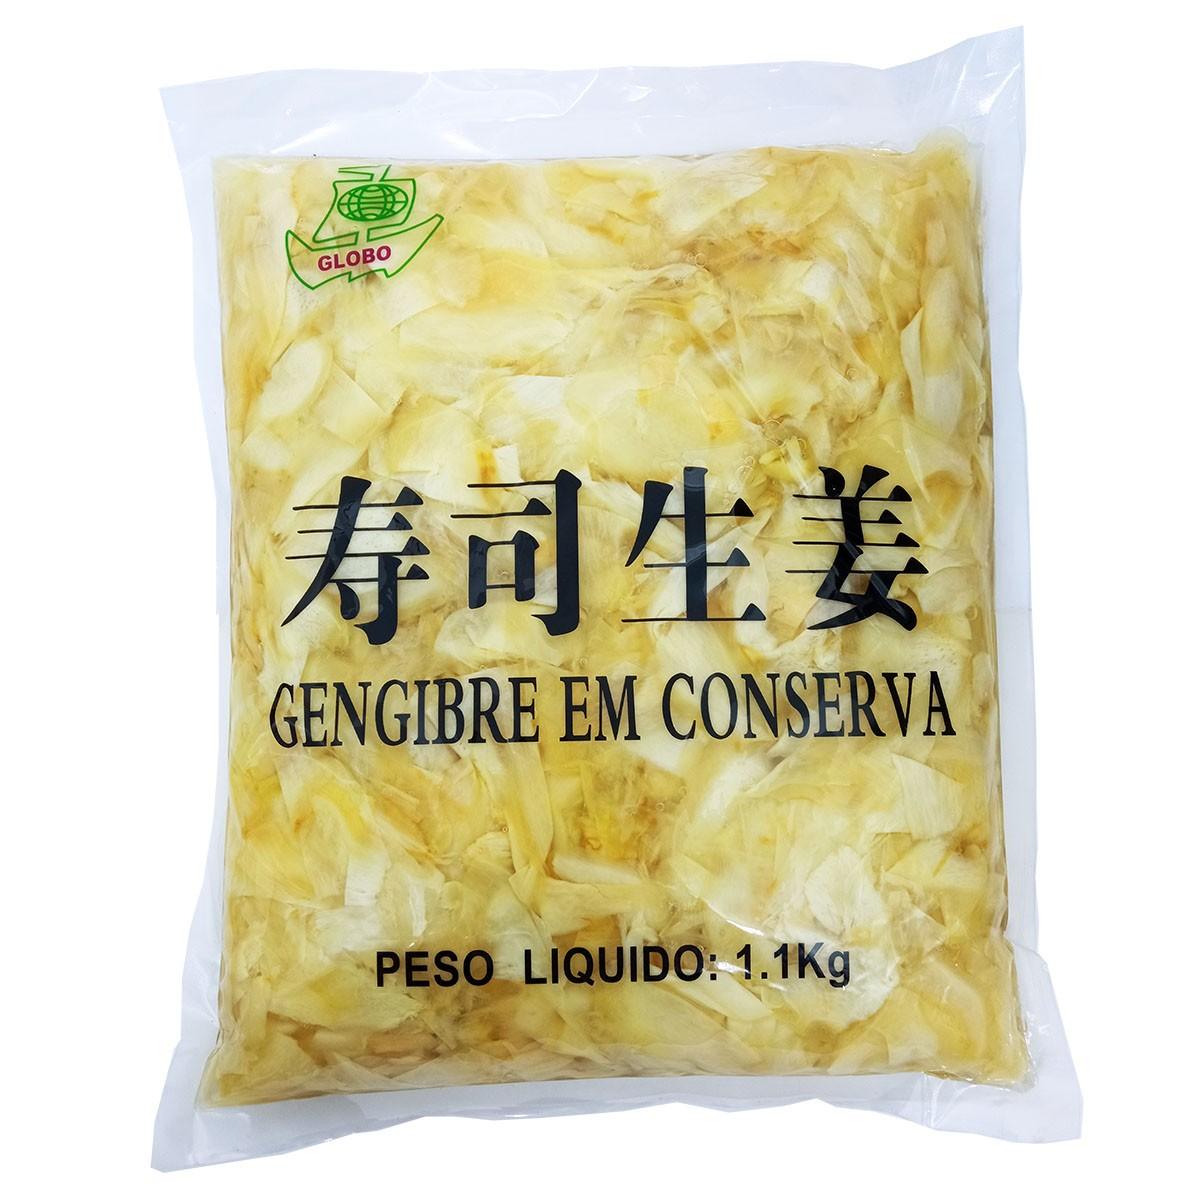 Gengibre em Conserva Gari Agridoce 1kg - Globo